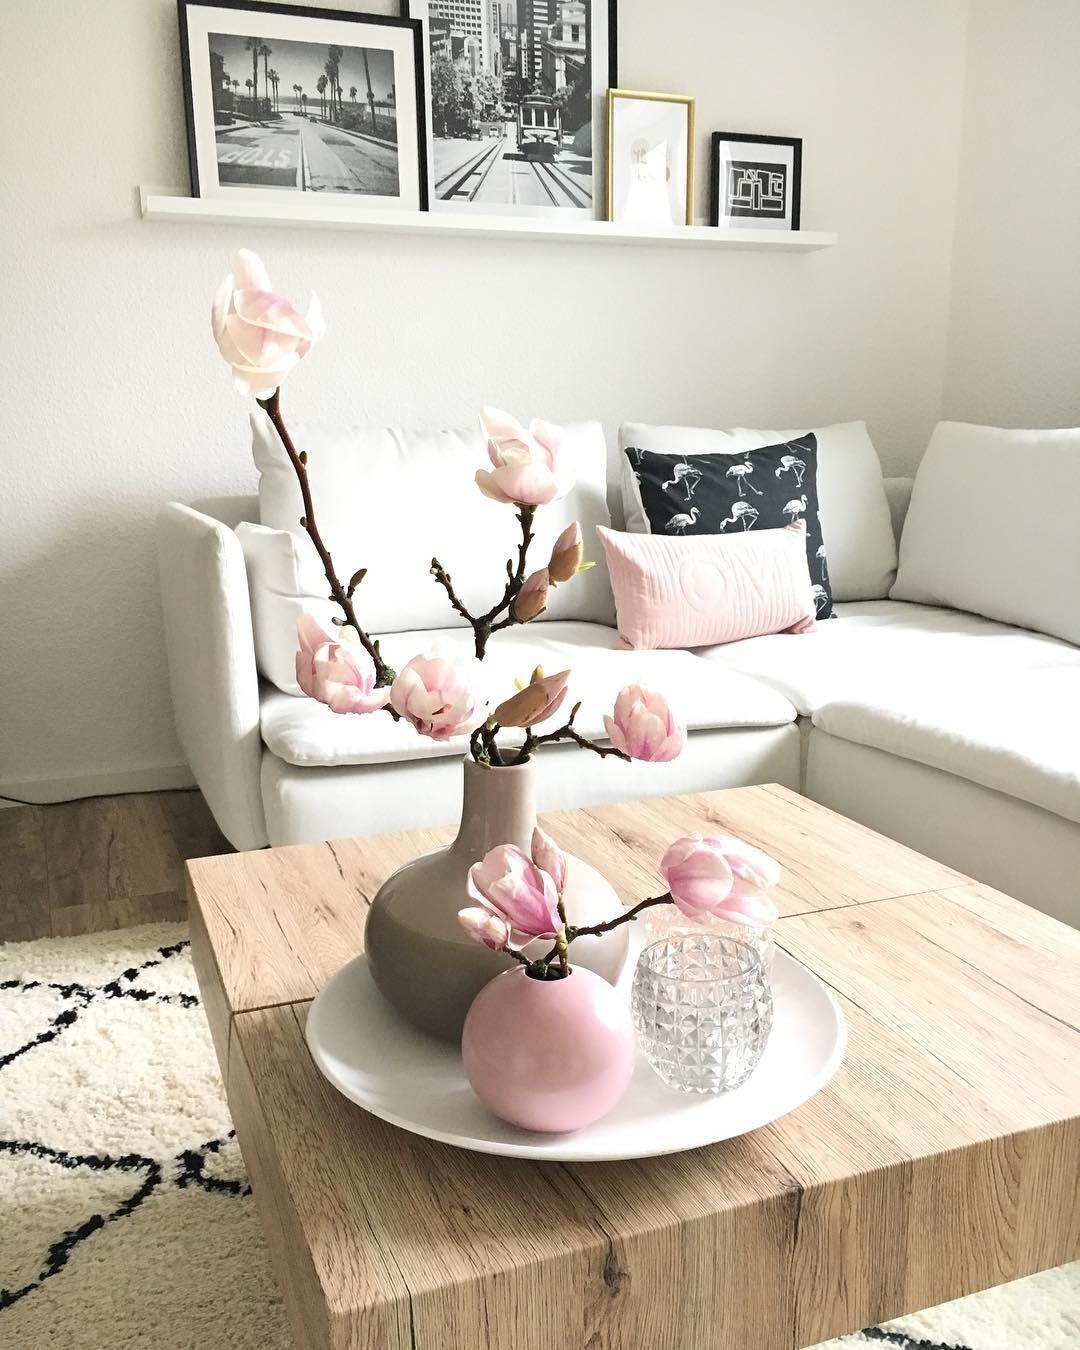 Handgefertigte Kugel-Vase Ball  WestwingNow  Wohnzimmer